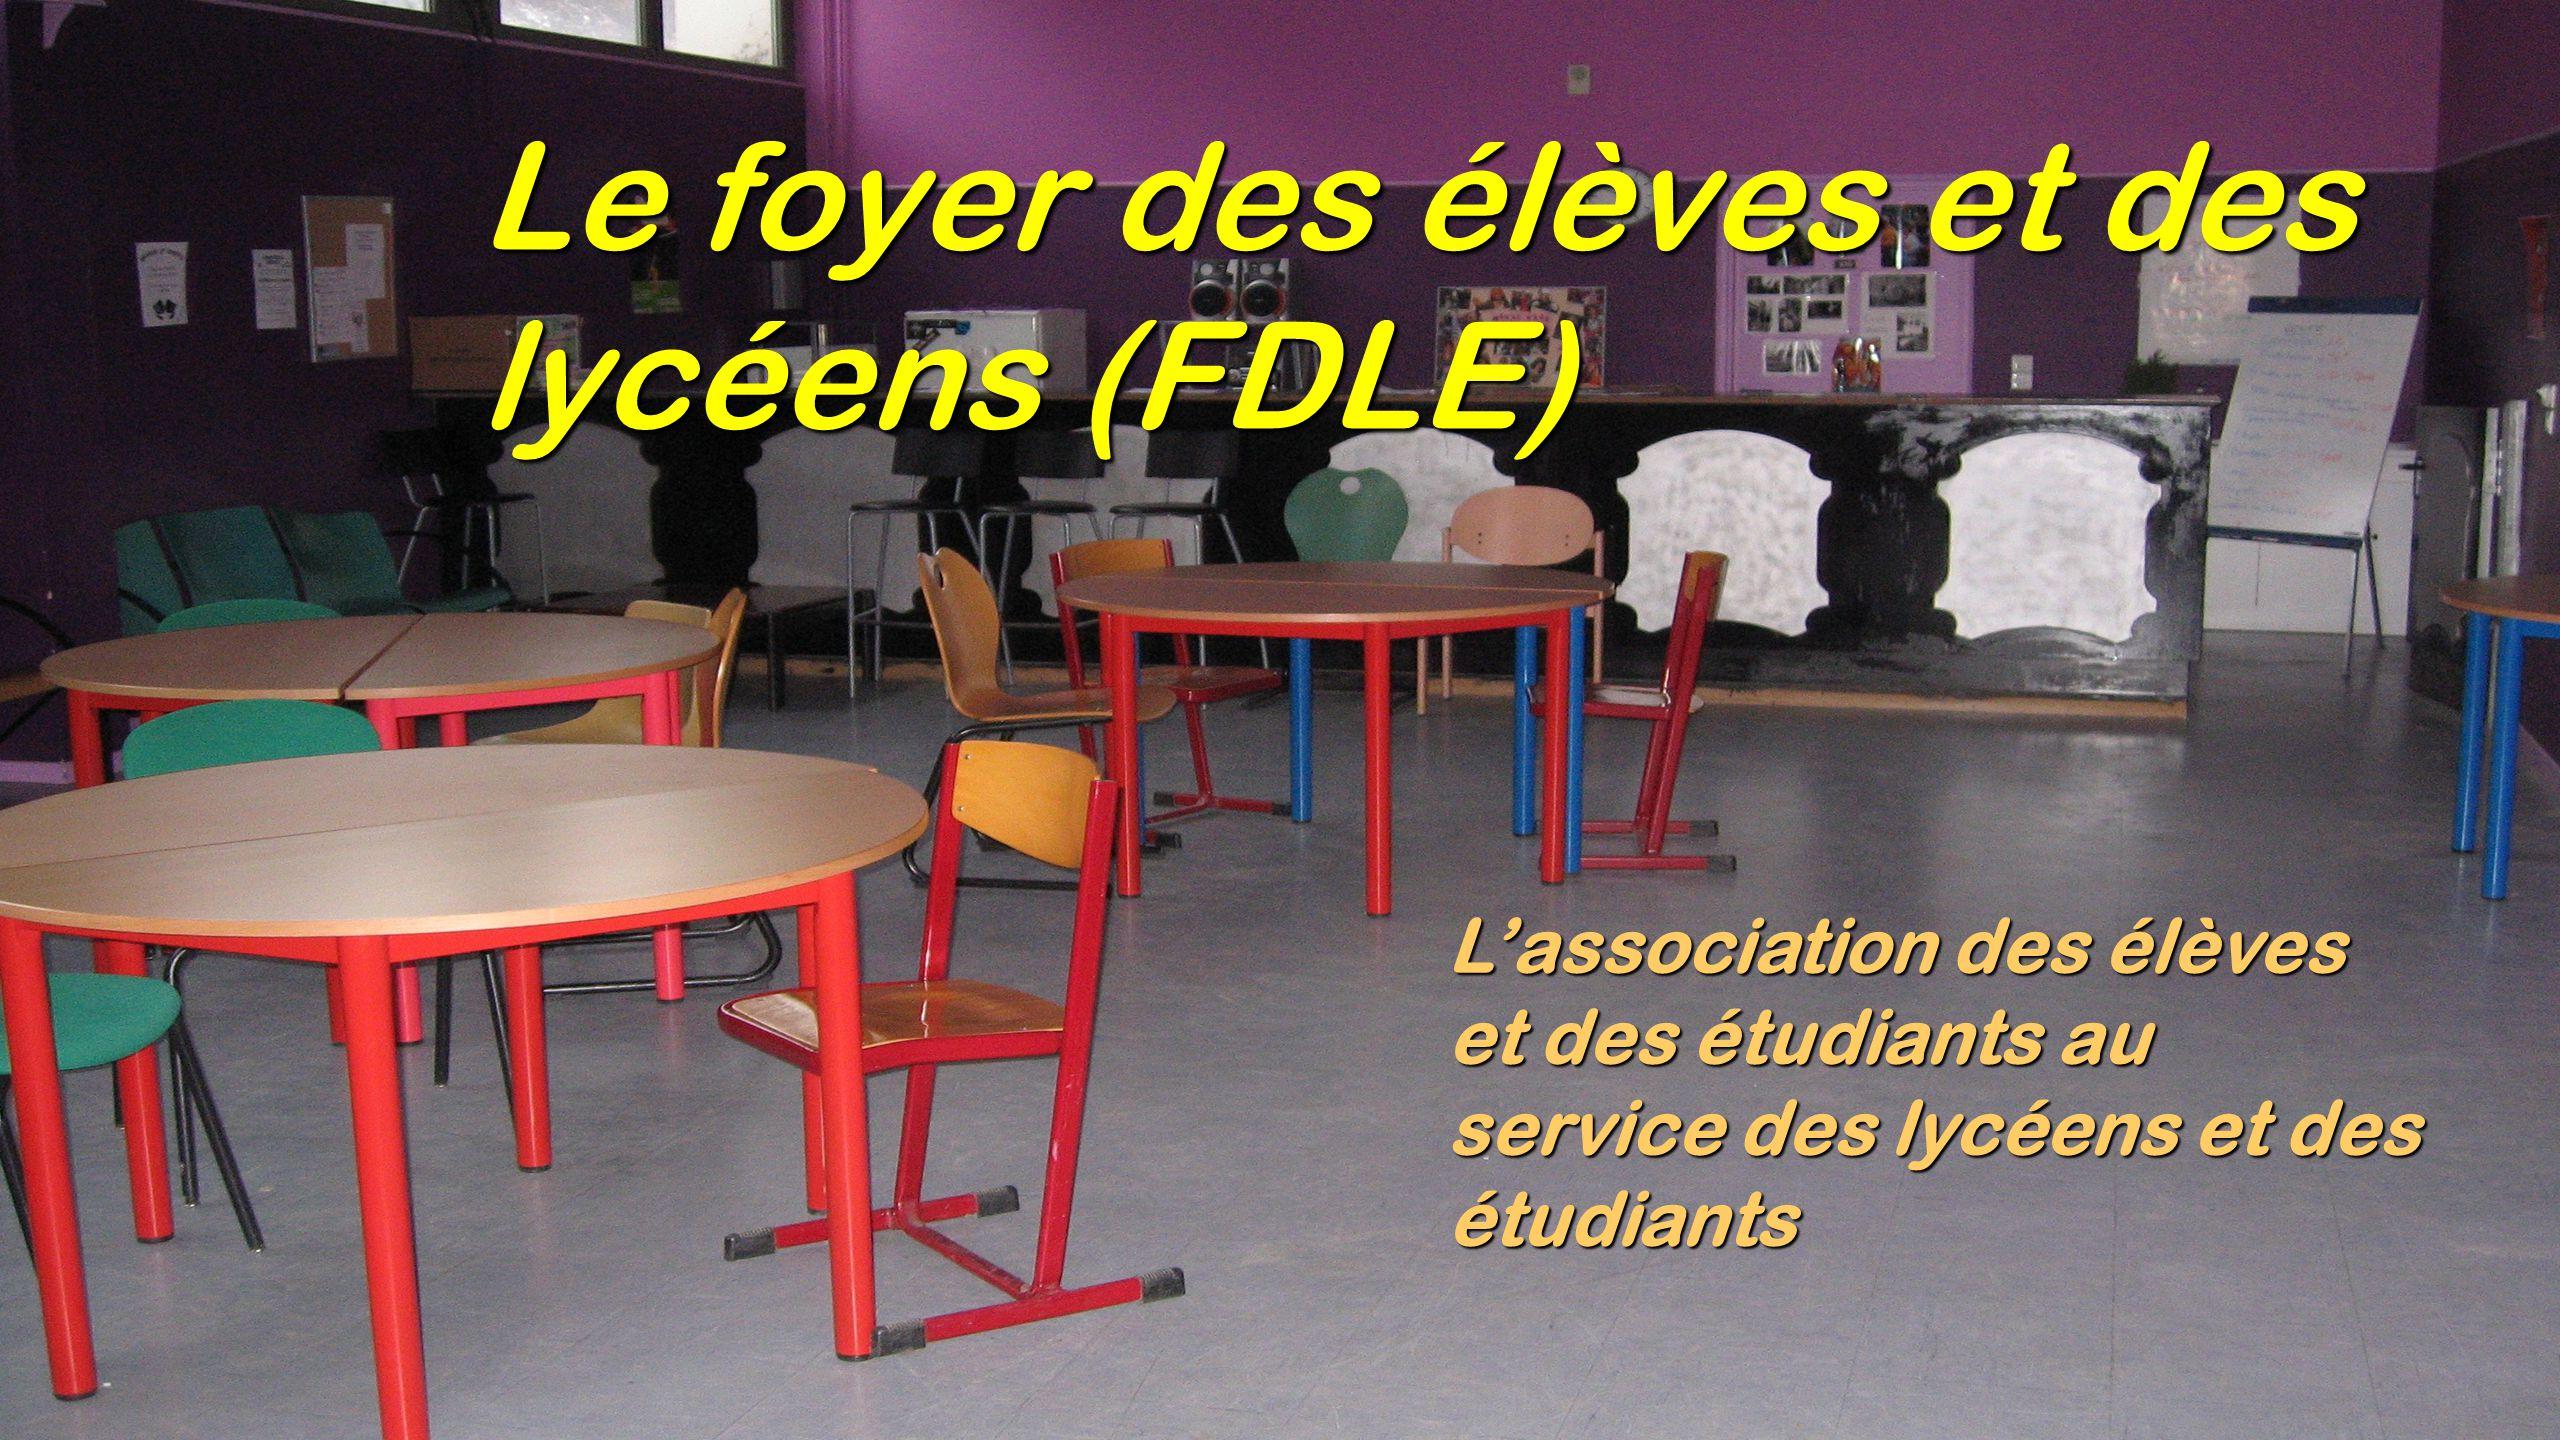 Le foyer des élèves et des lycéens (FDLE) L'association des élèves et des étudiants au service des lycéens et des étudiants